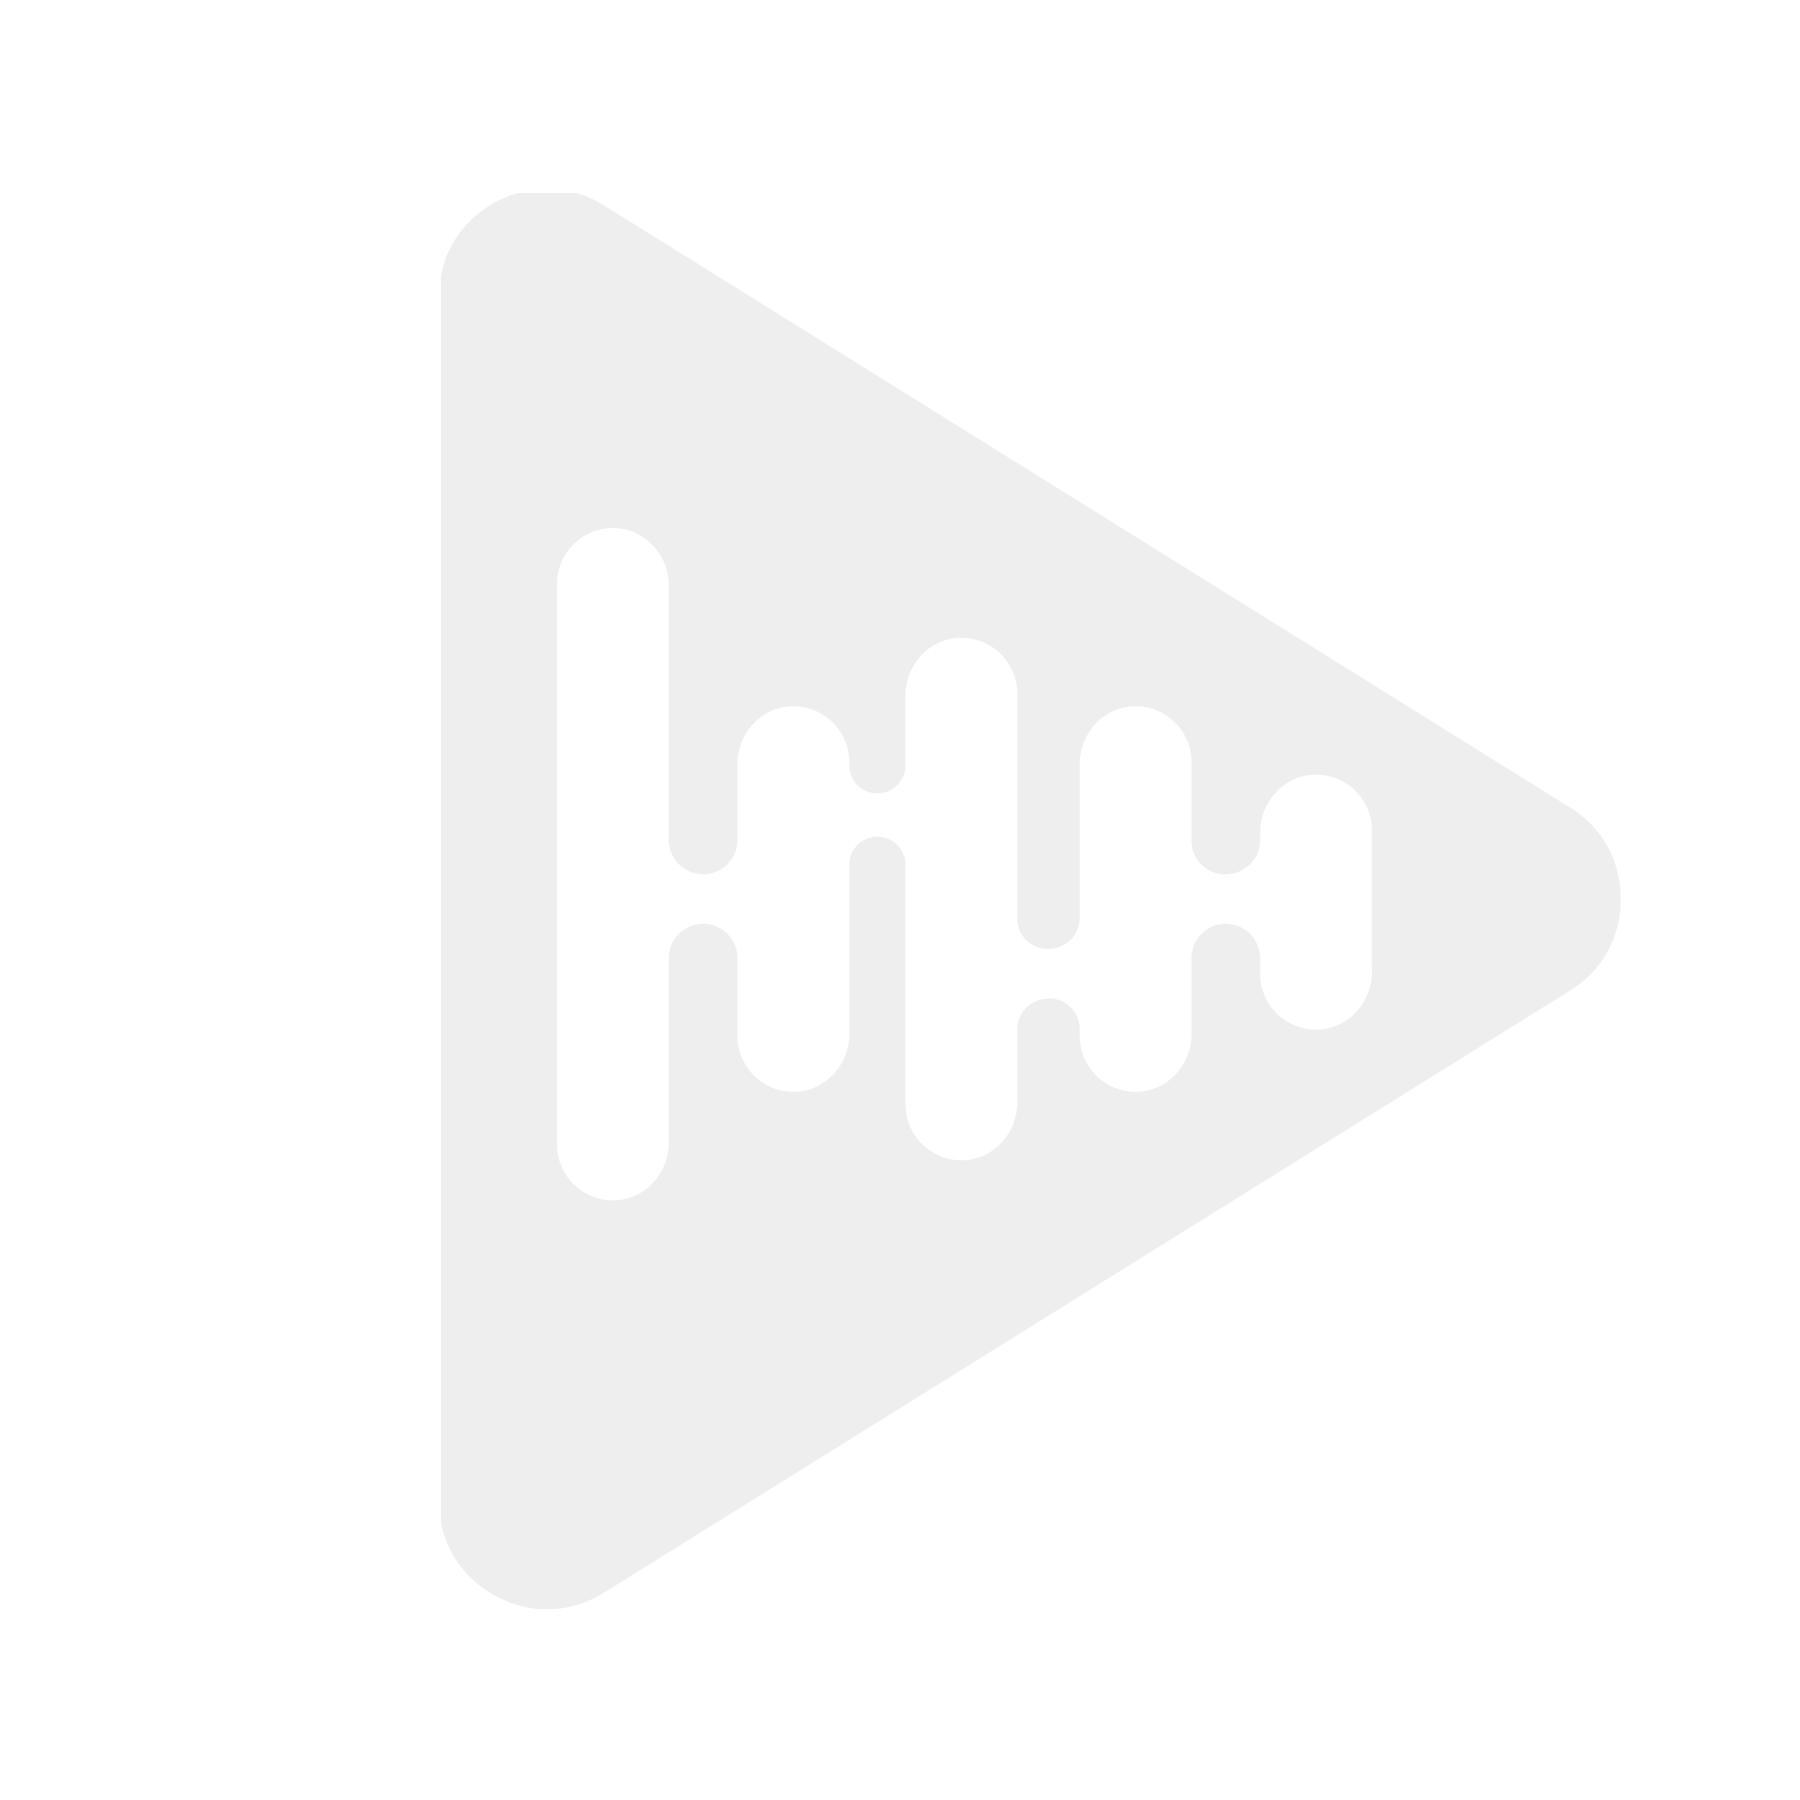 Hertz Mille Pro MPX 690.3